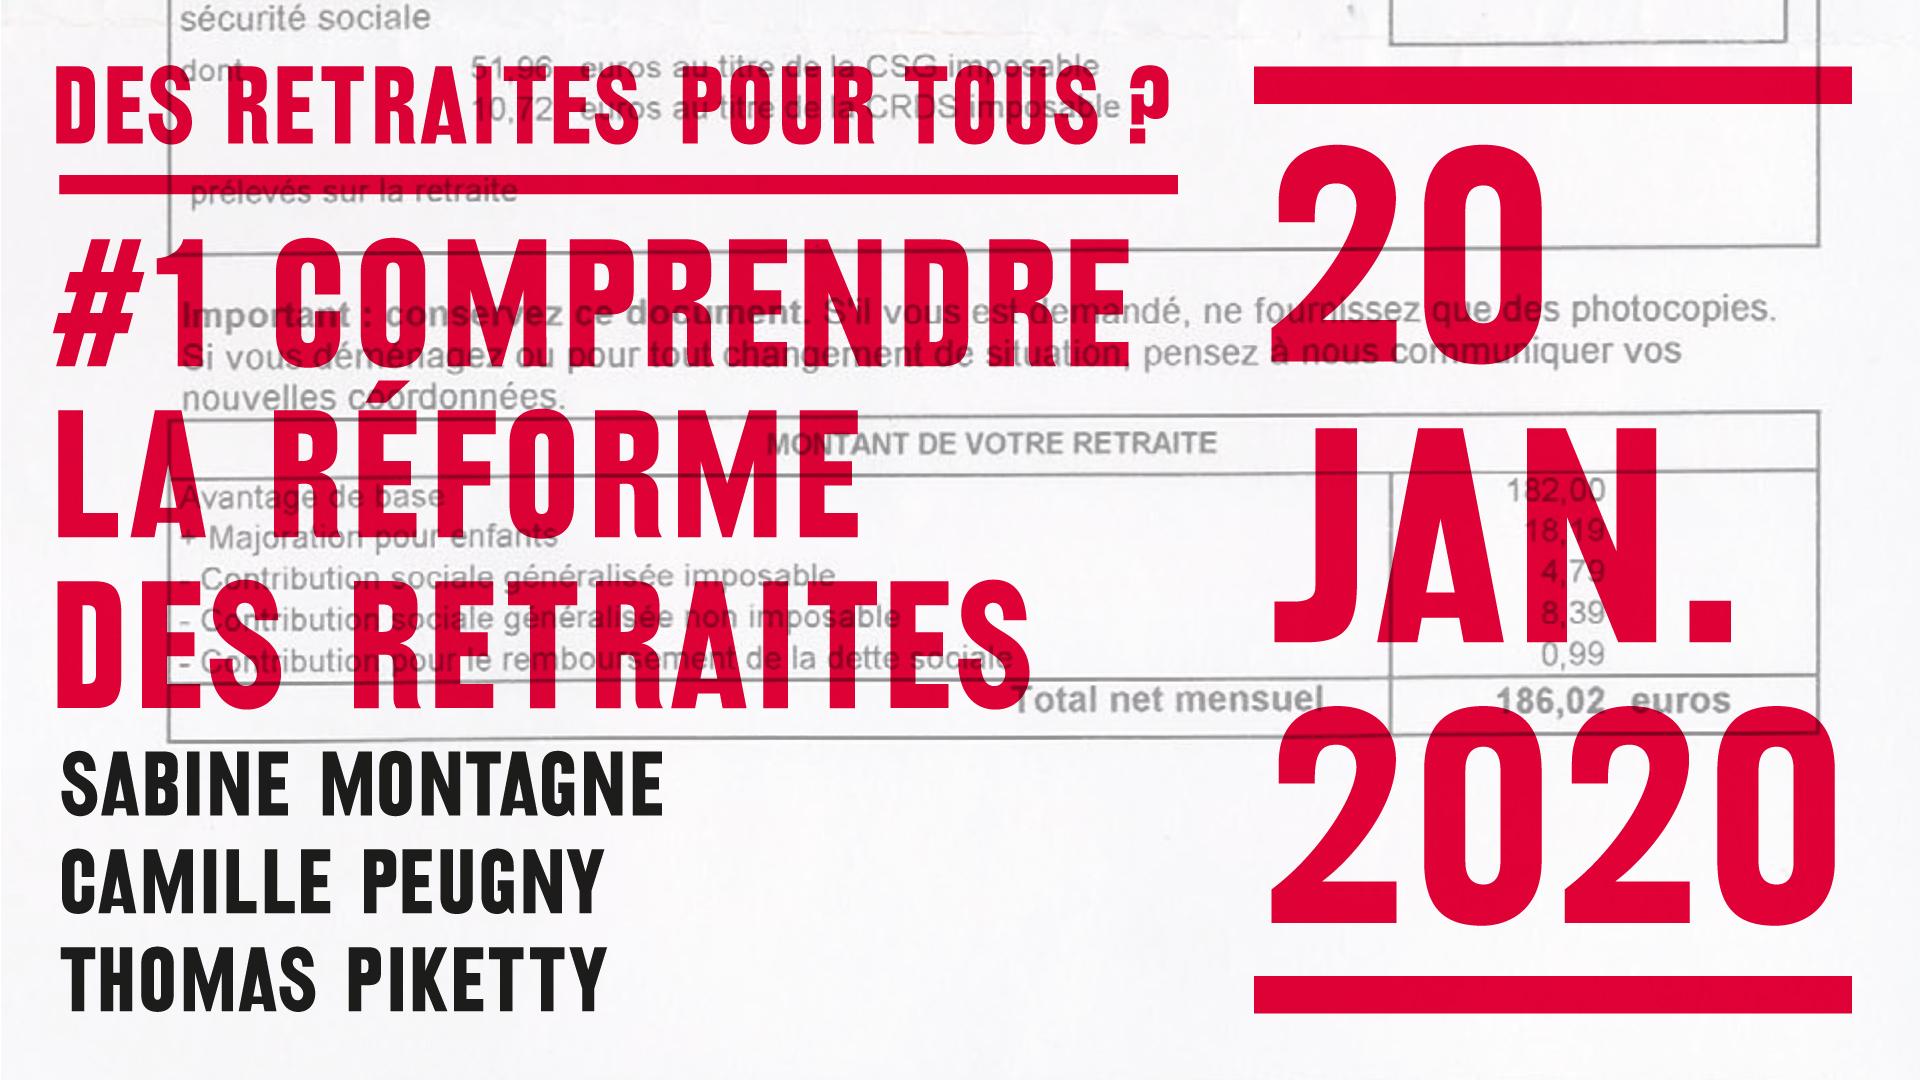 EHESS, Comprendre La Réforme Des Retraites, Sabine Montagne, Camille Peugny, Thomas Piketty